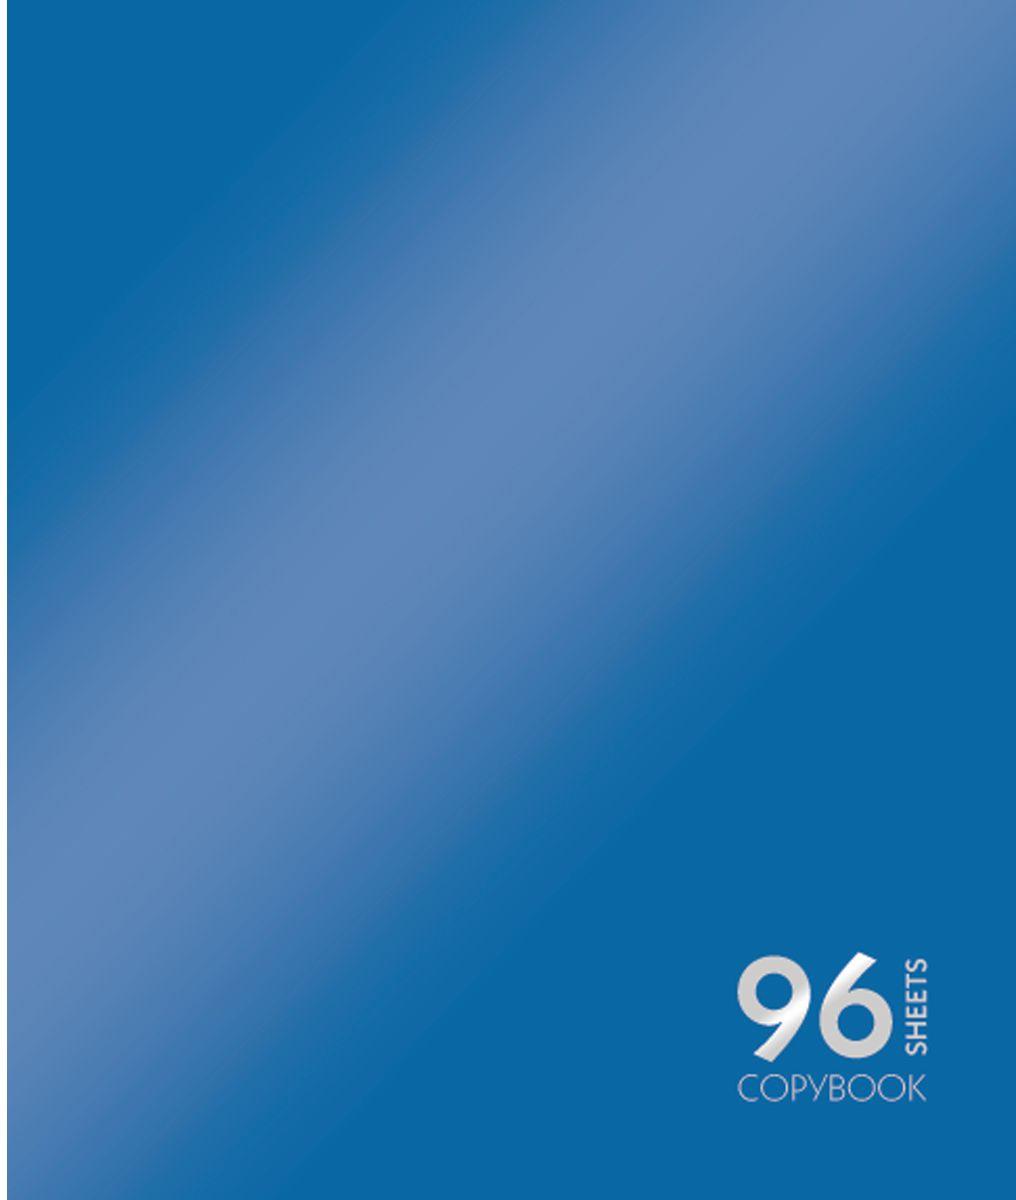 Тетрадь А5 96 листов на скрепке, клетка. Обложка мелованный картон с пантонной металлизированной печатью. Бумага офсет 60г/м2